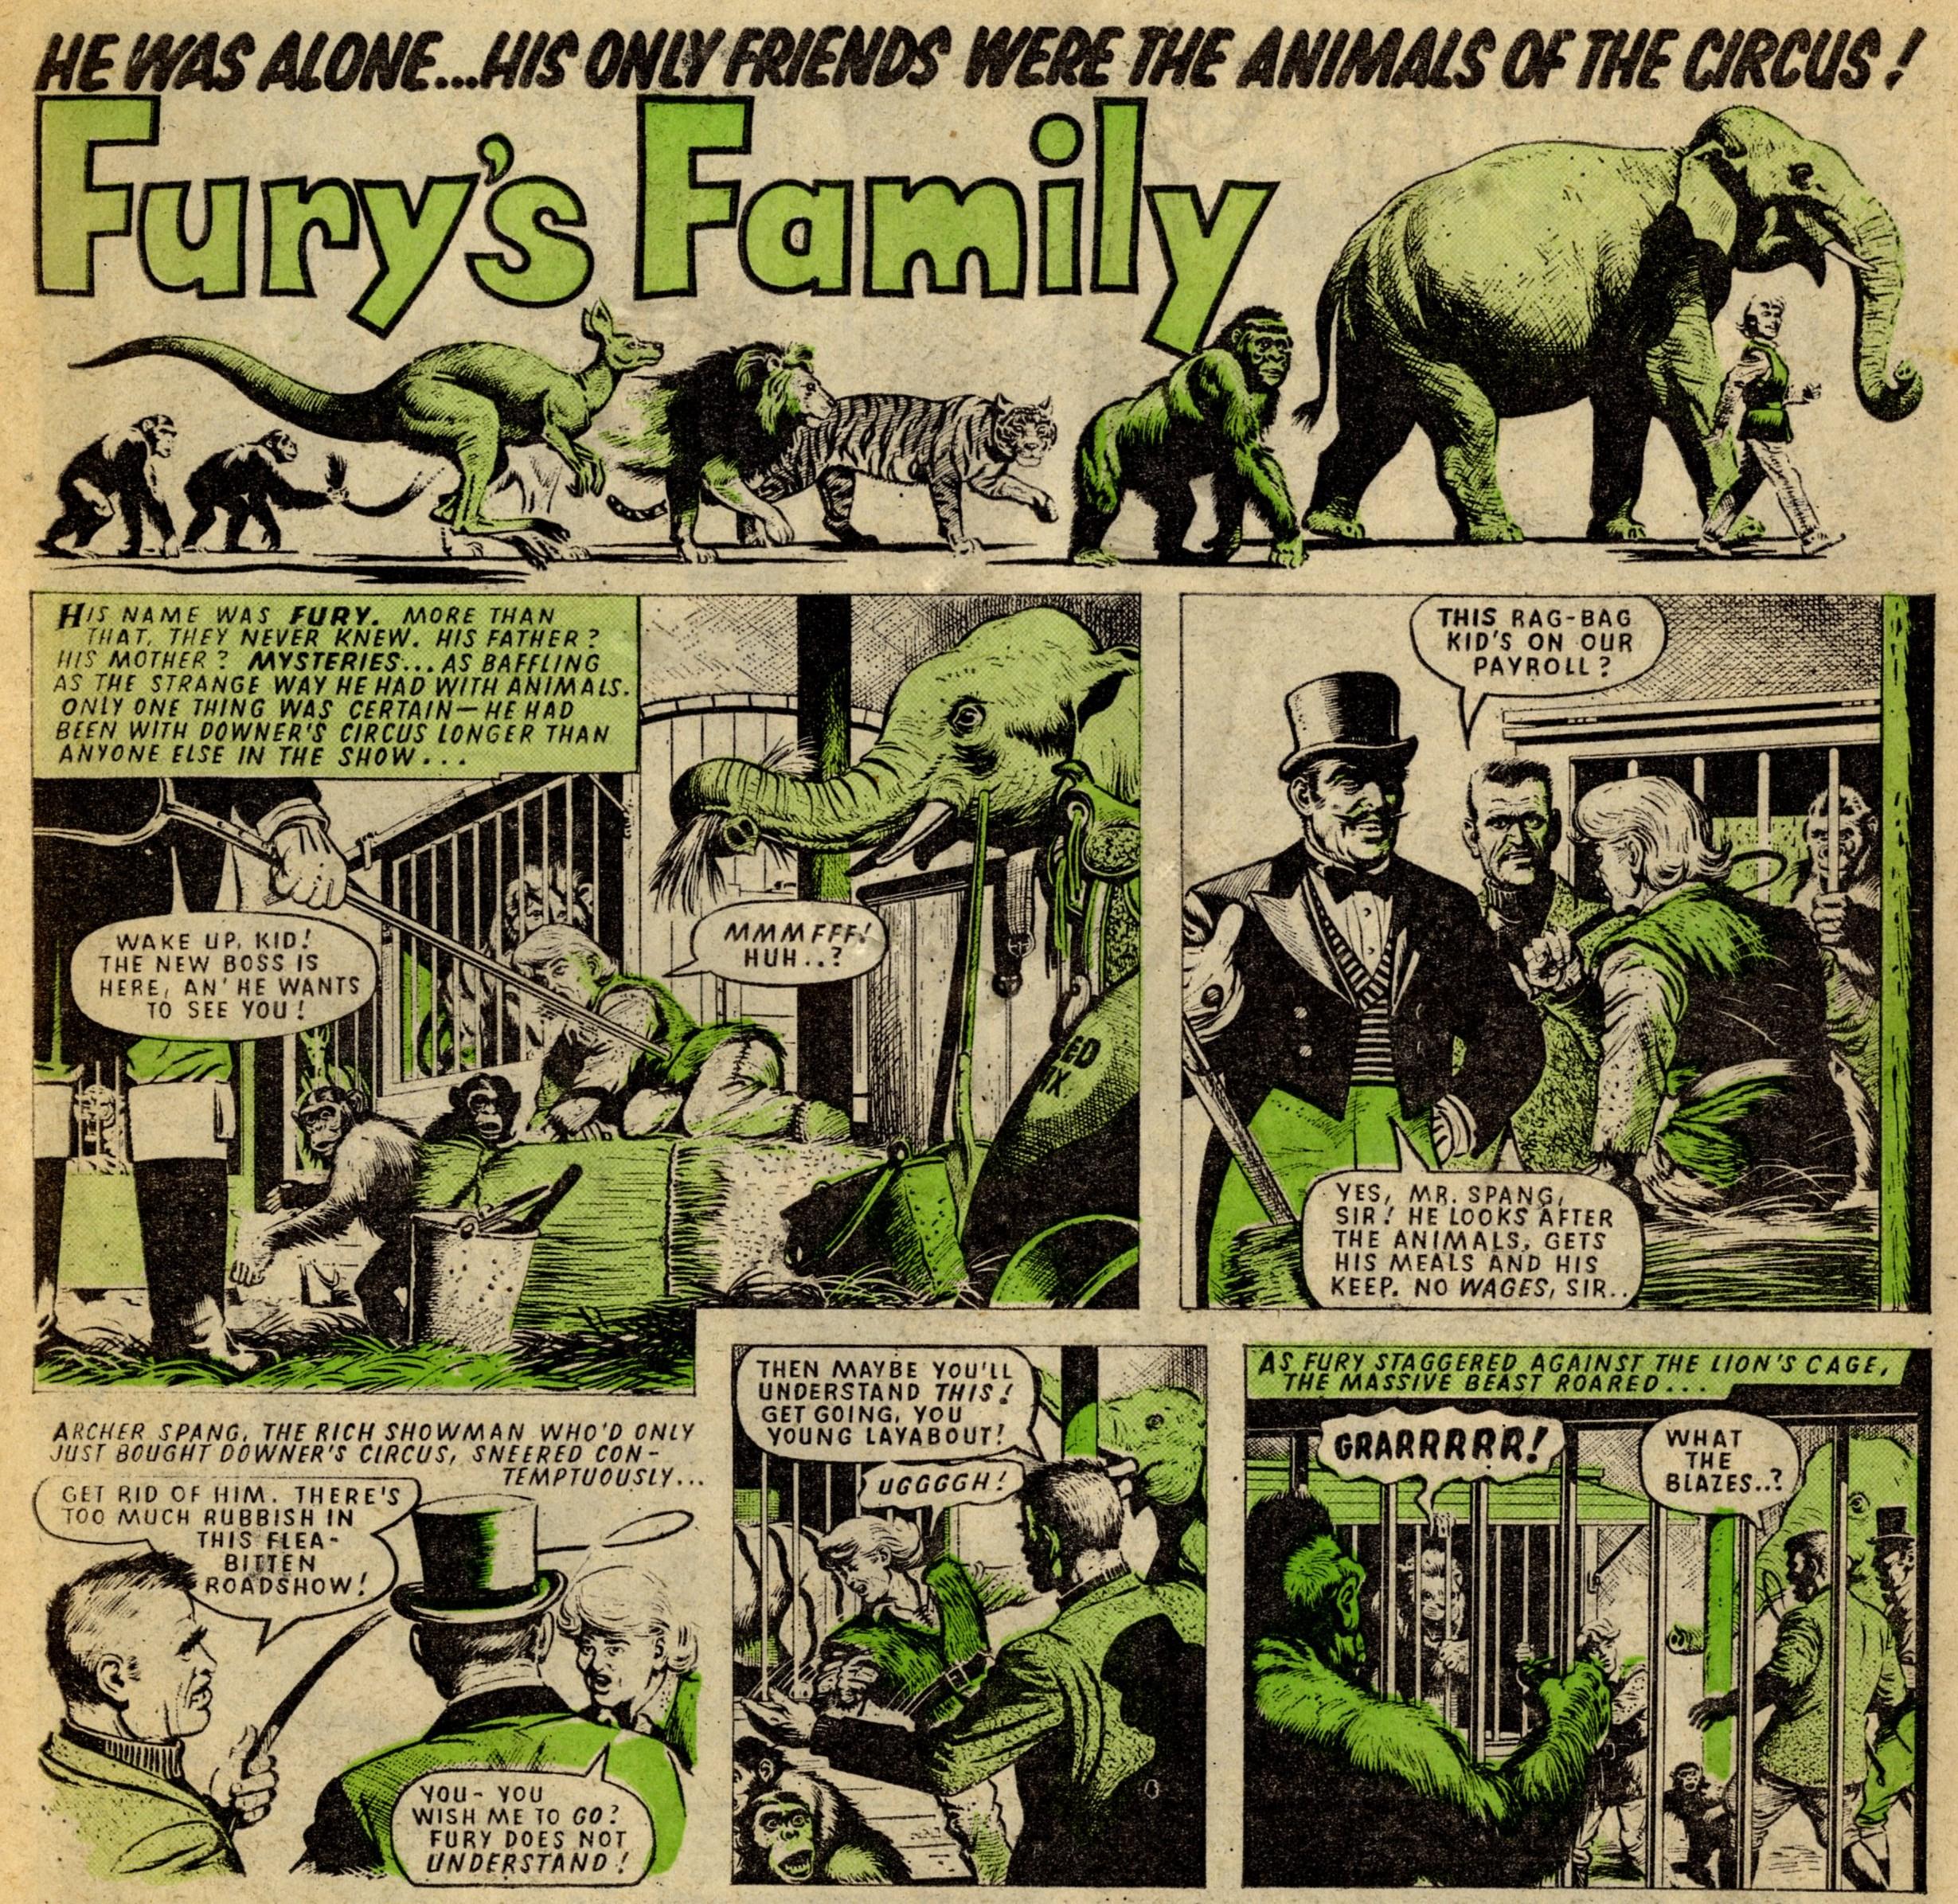 Fury's Family: Angus Allen (writer), Denis McLoughlin (artist)